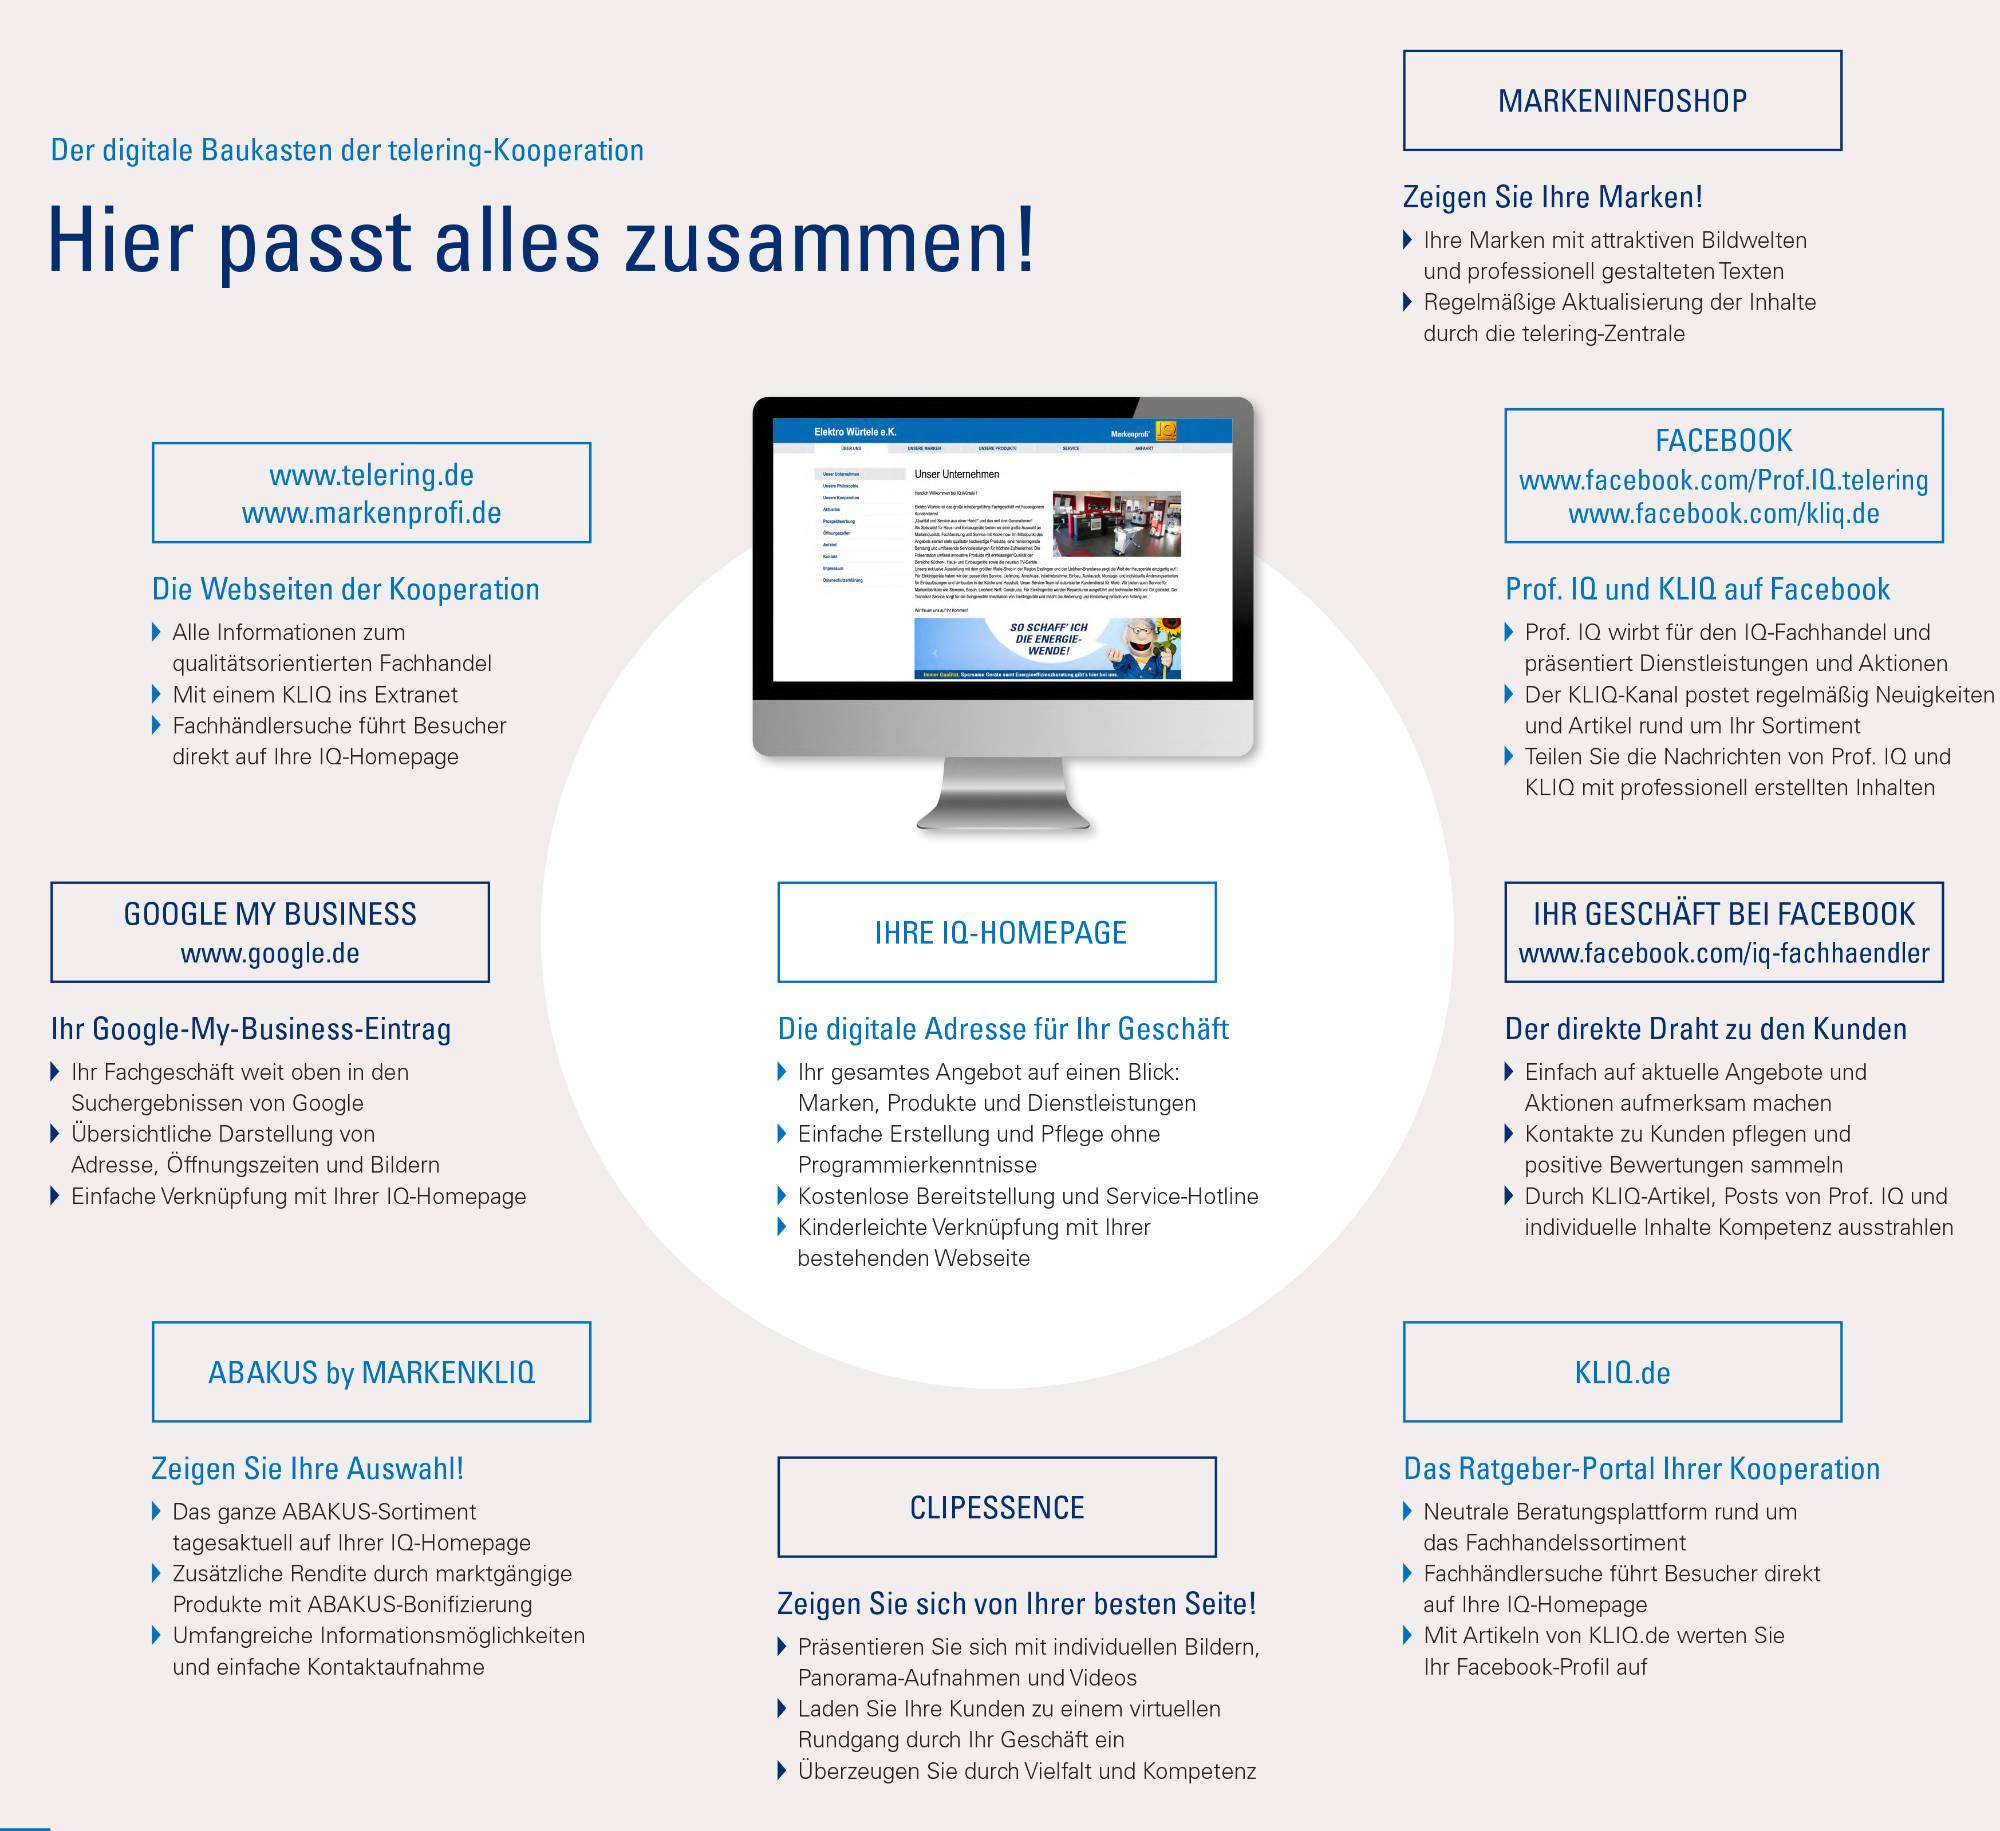 Online Marketing Broschüre telering Zusammenfassung